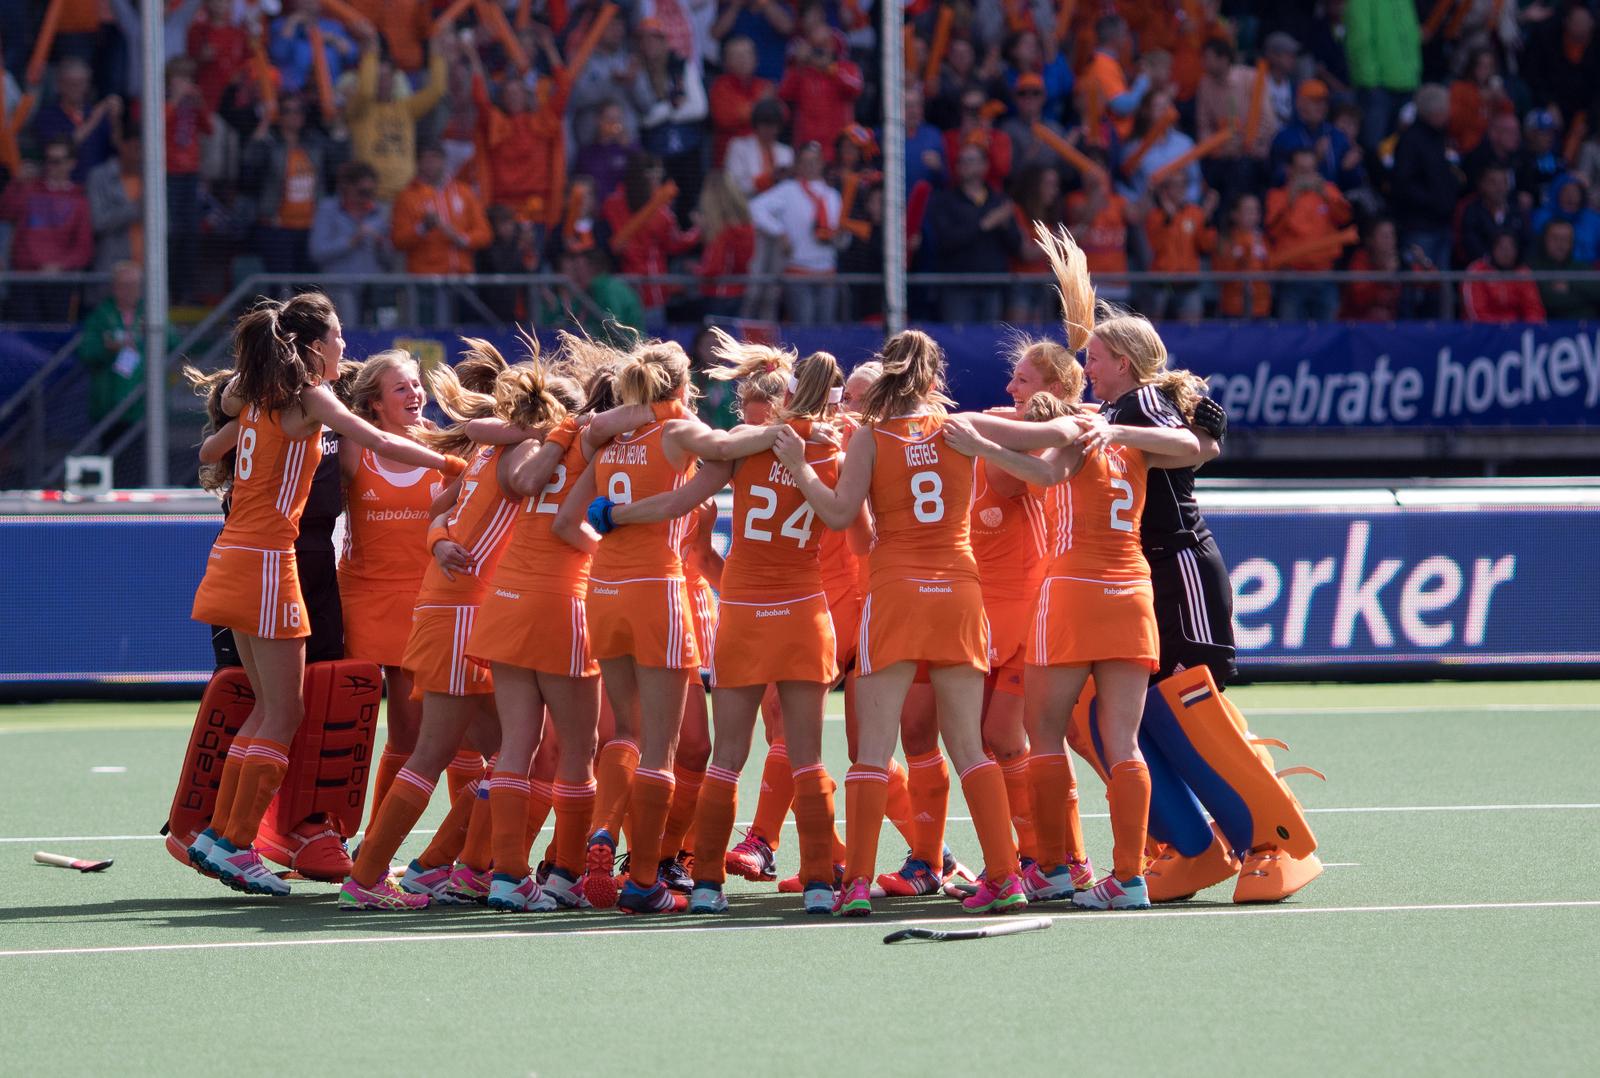 Eindhoven wil WK in 2026 organiseren